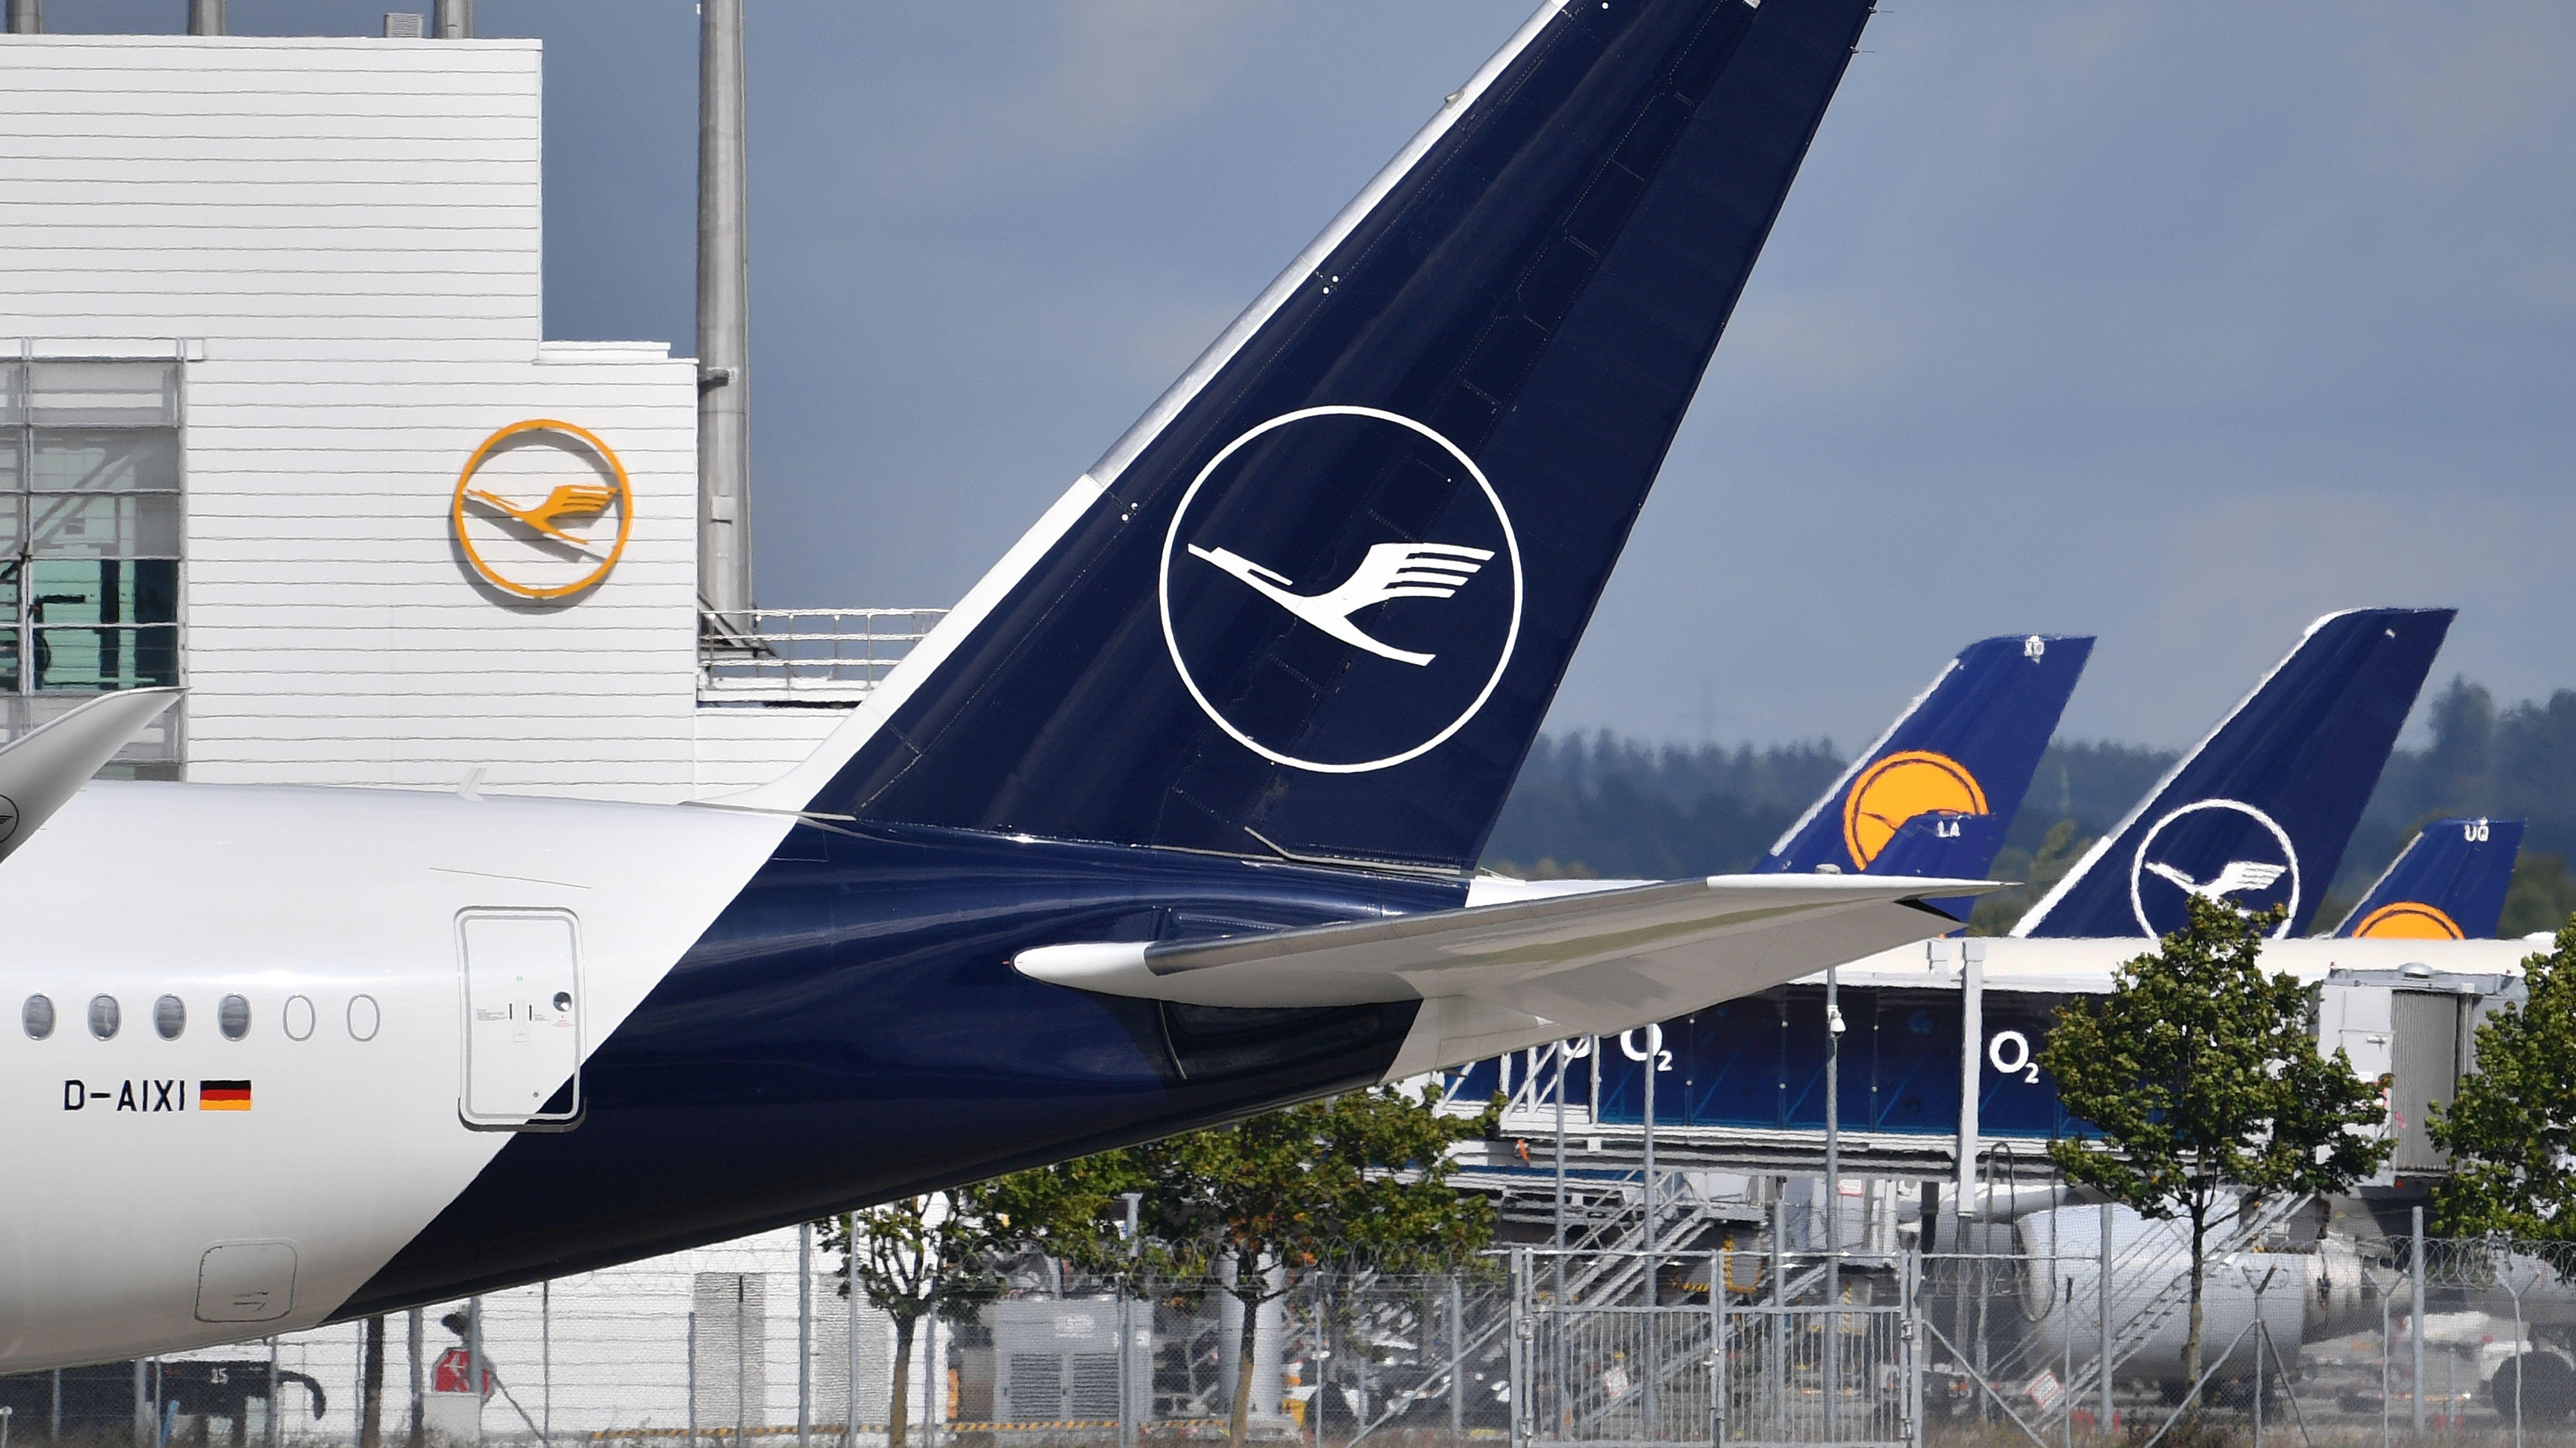 Maschinen der Lufthansa auf dem Flughafen München